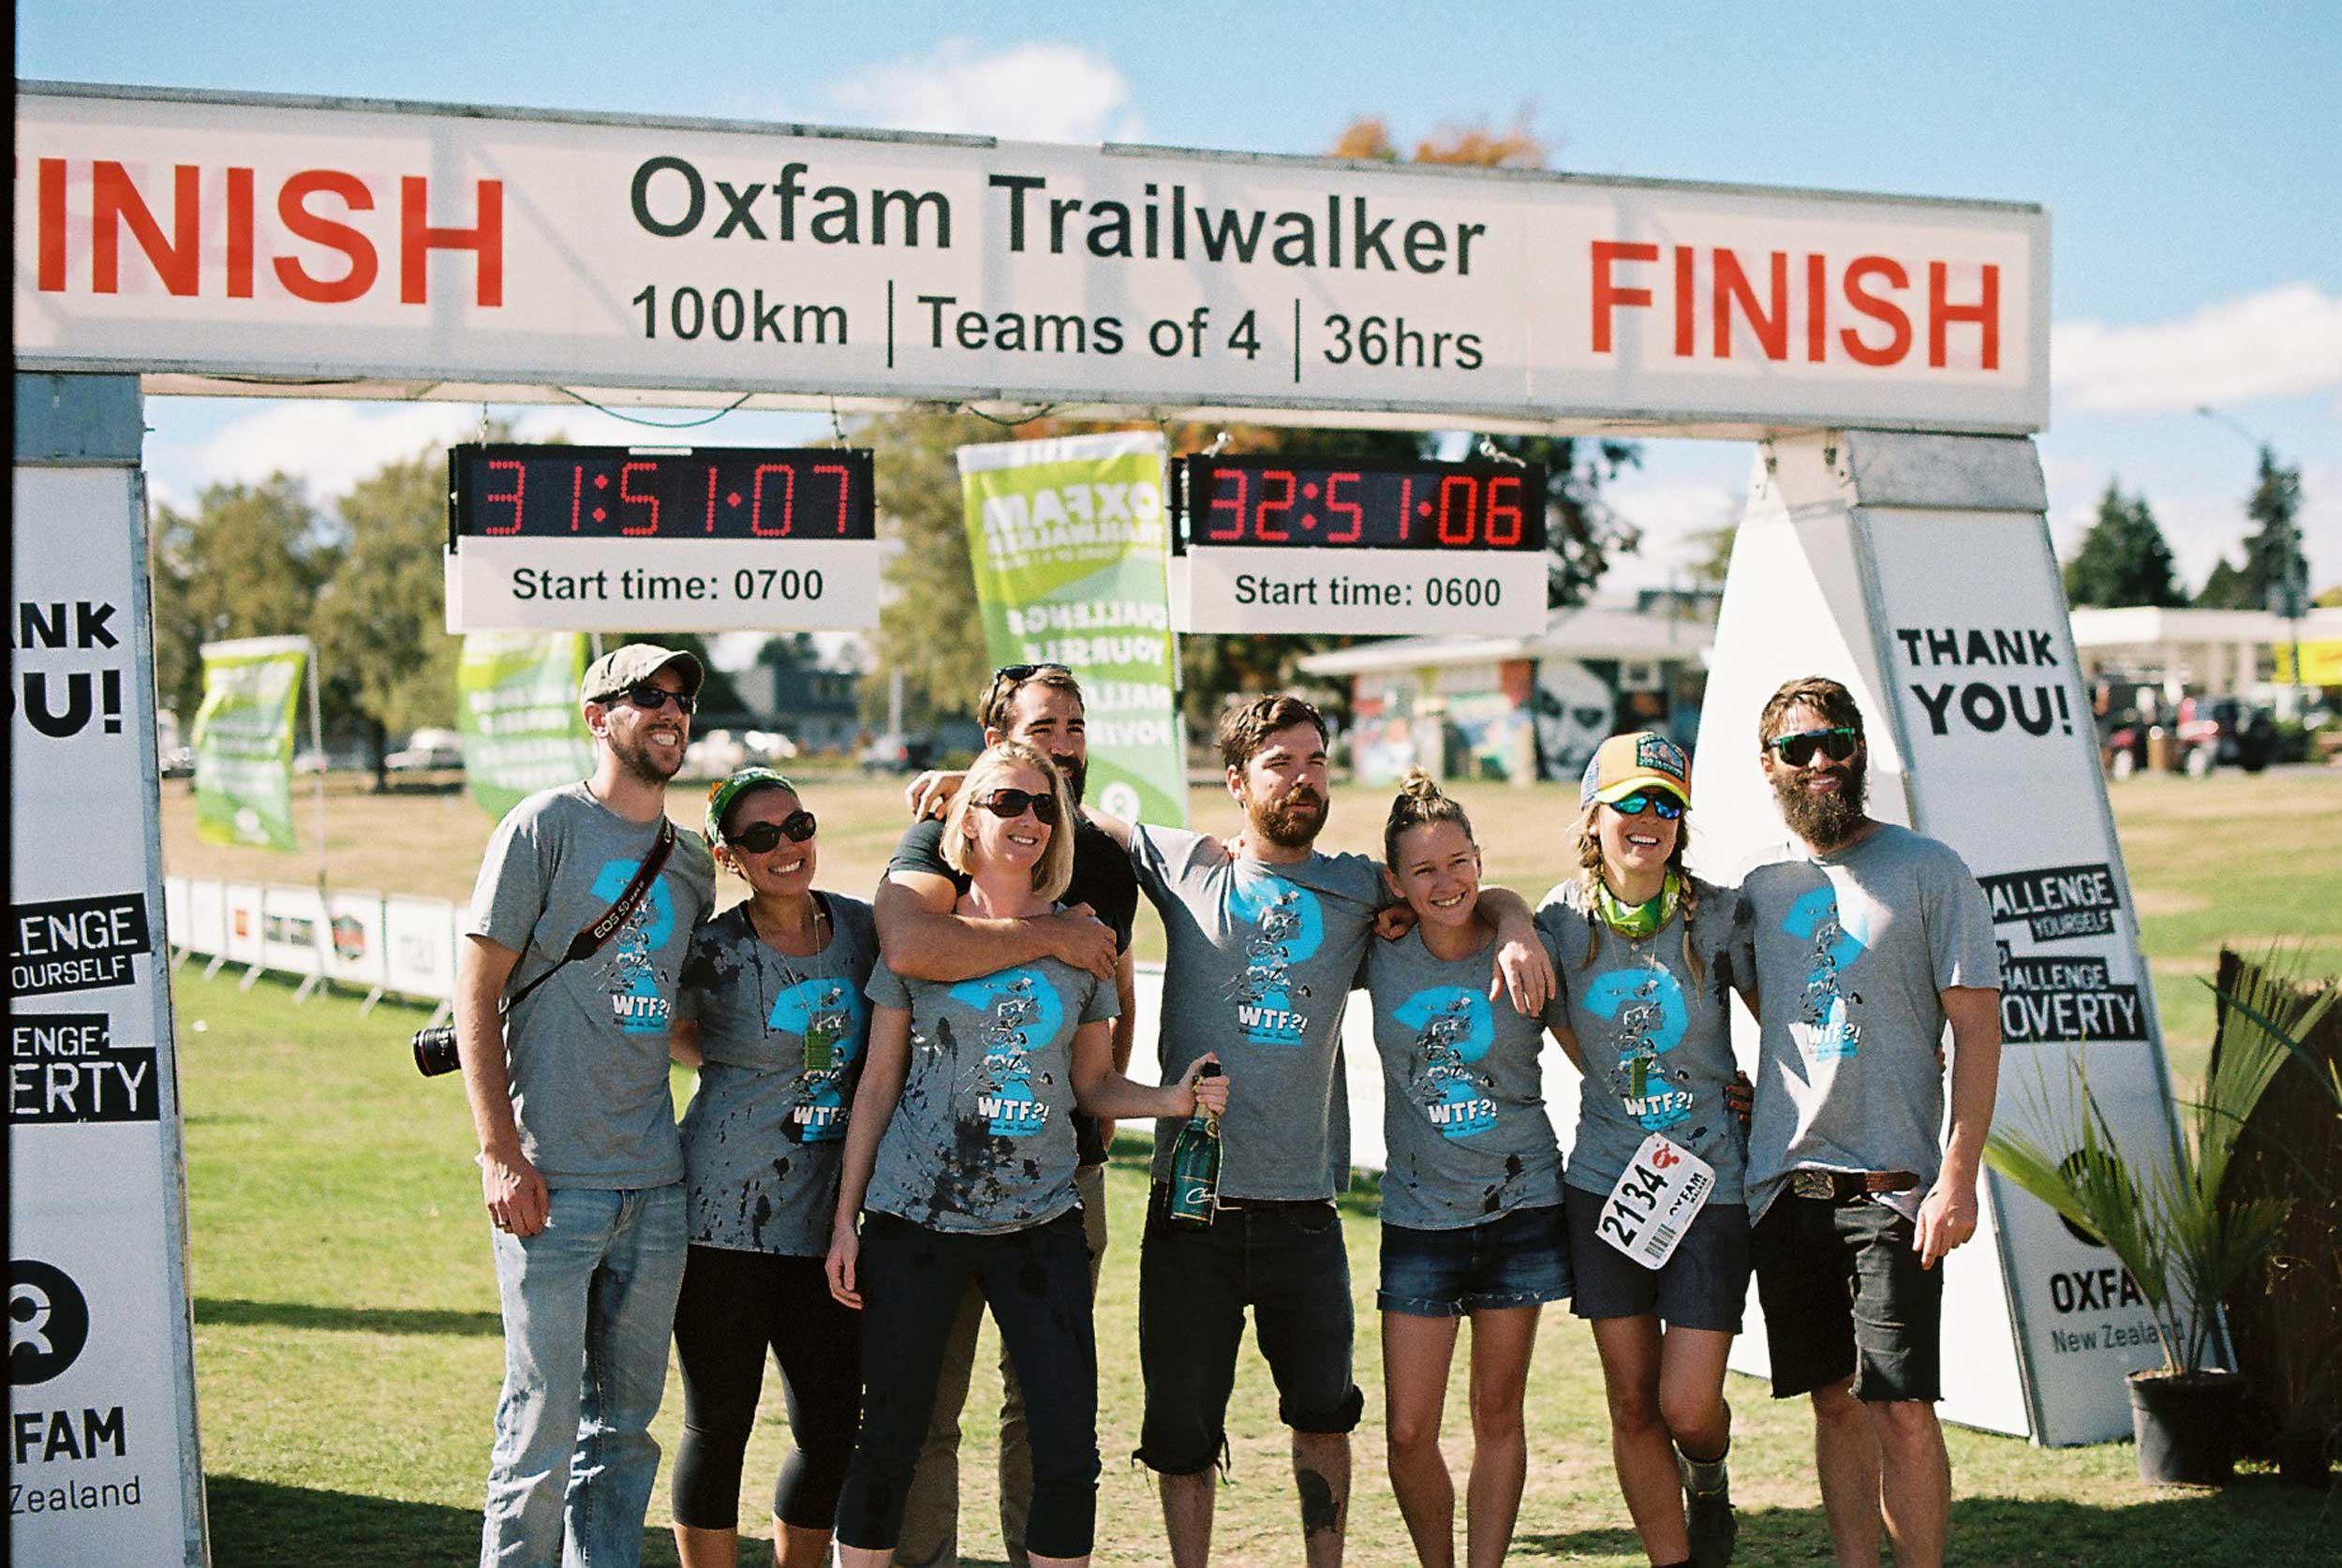 oxfam_trailwalker_photo_1.jpg